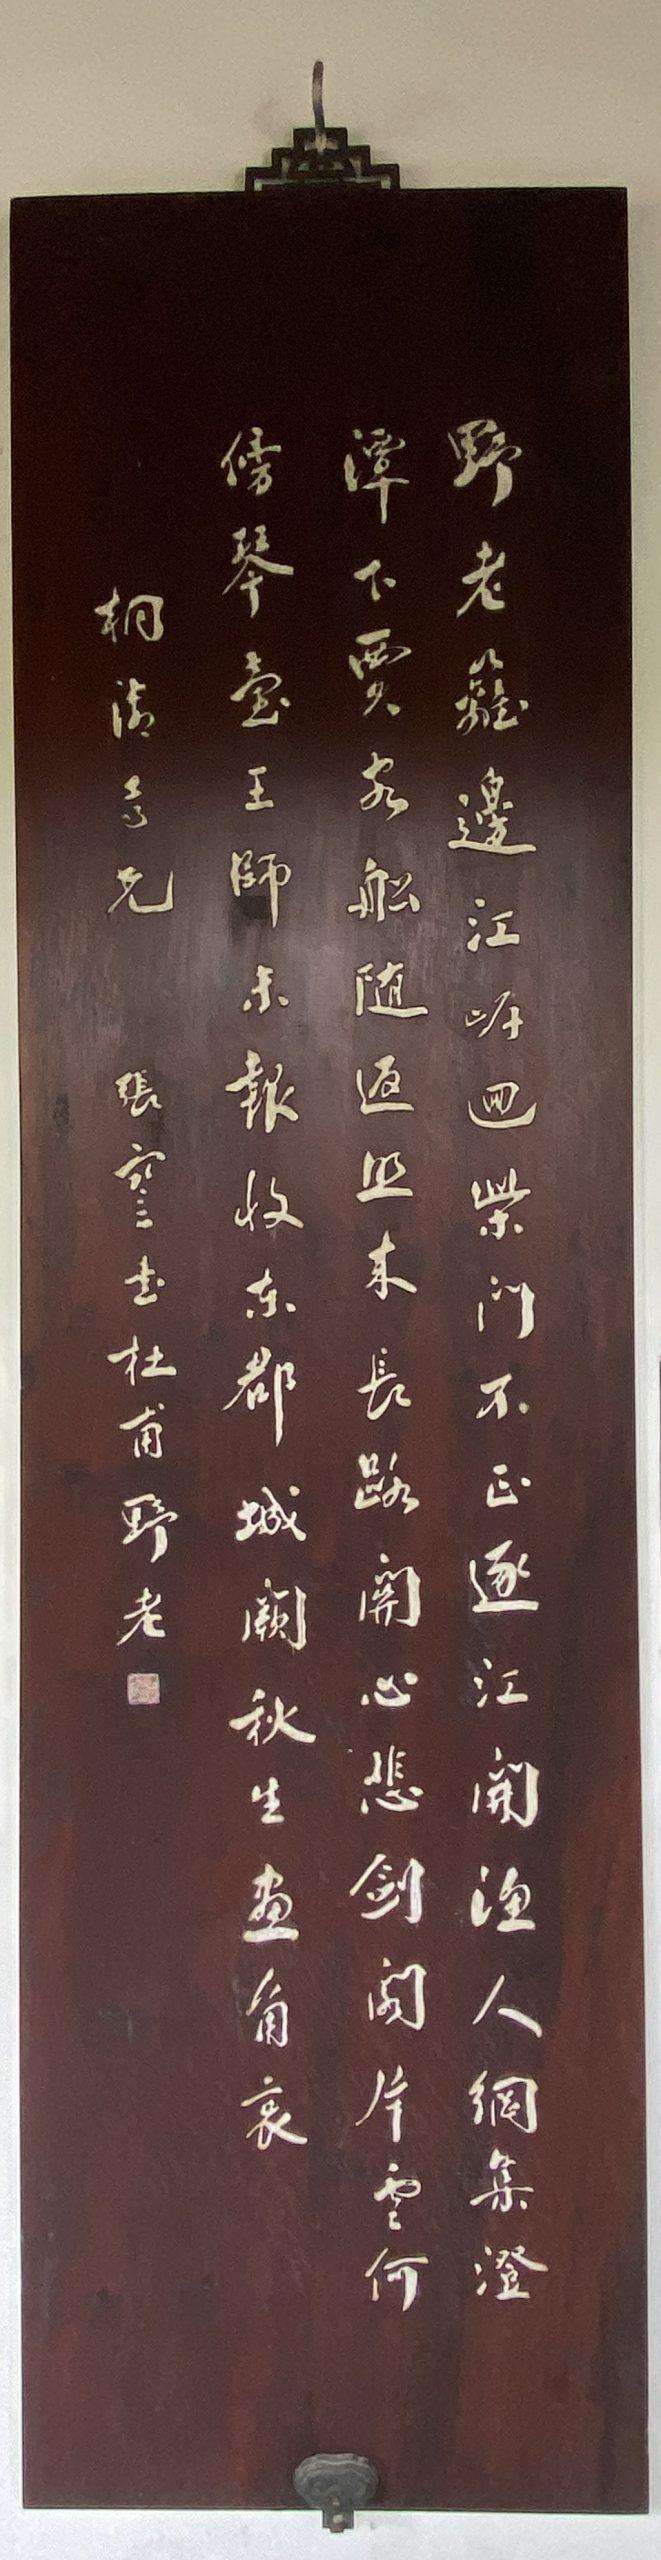 野老-唐時代・杜甫-杜詩書法木刻廊-浣花溪公園-成都杜甫草堂博物館-書:張謇